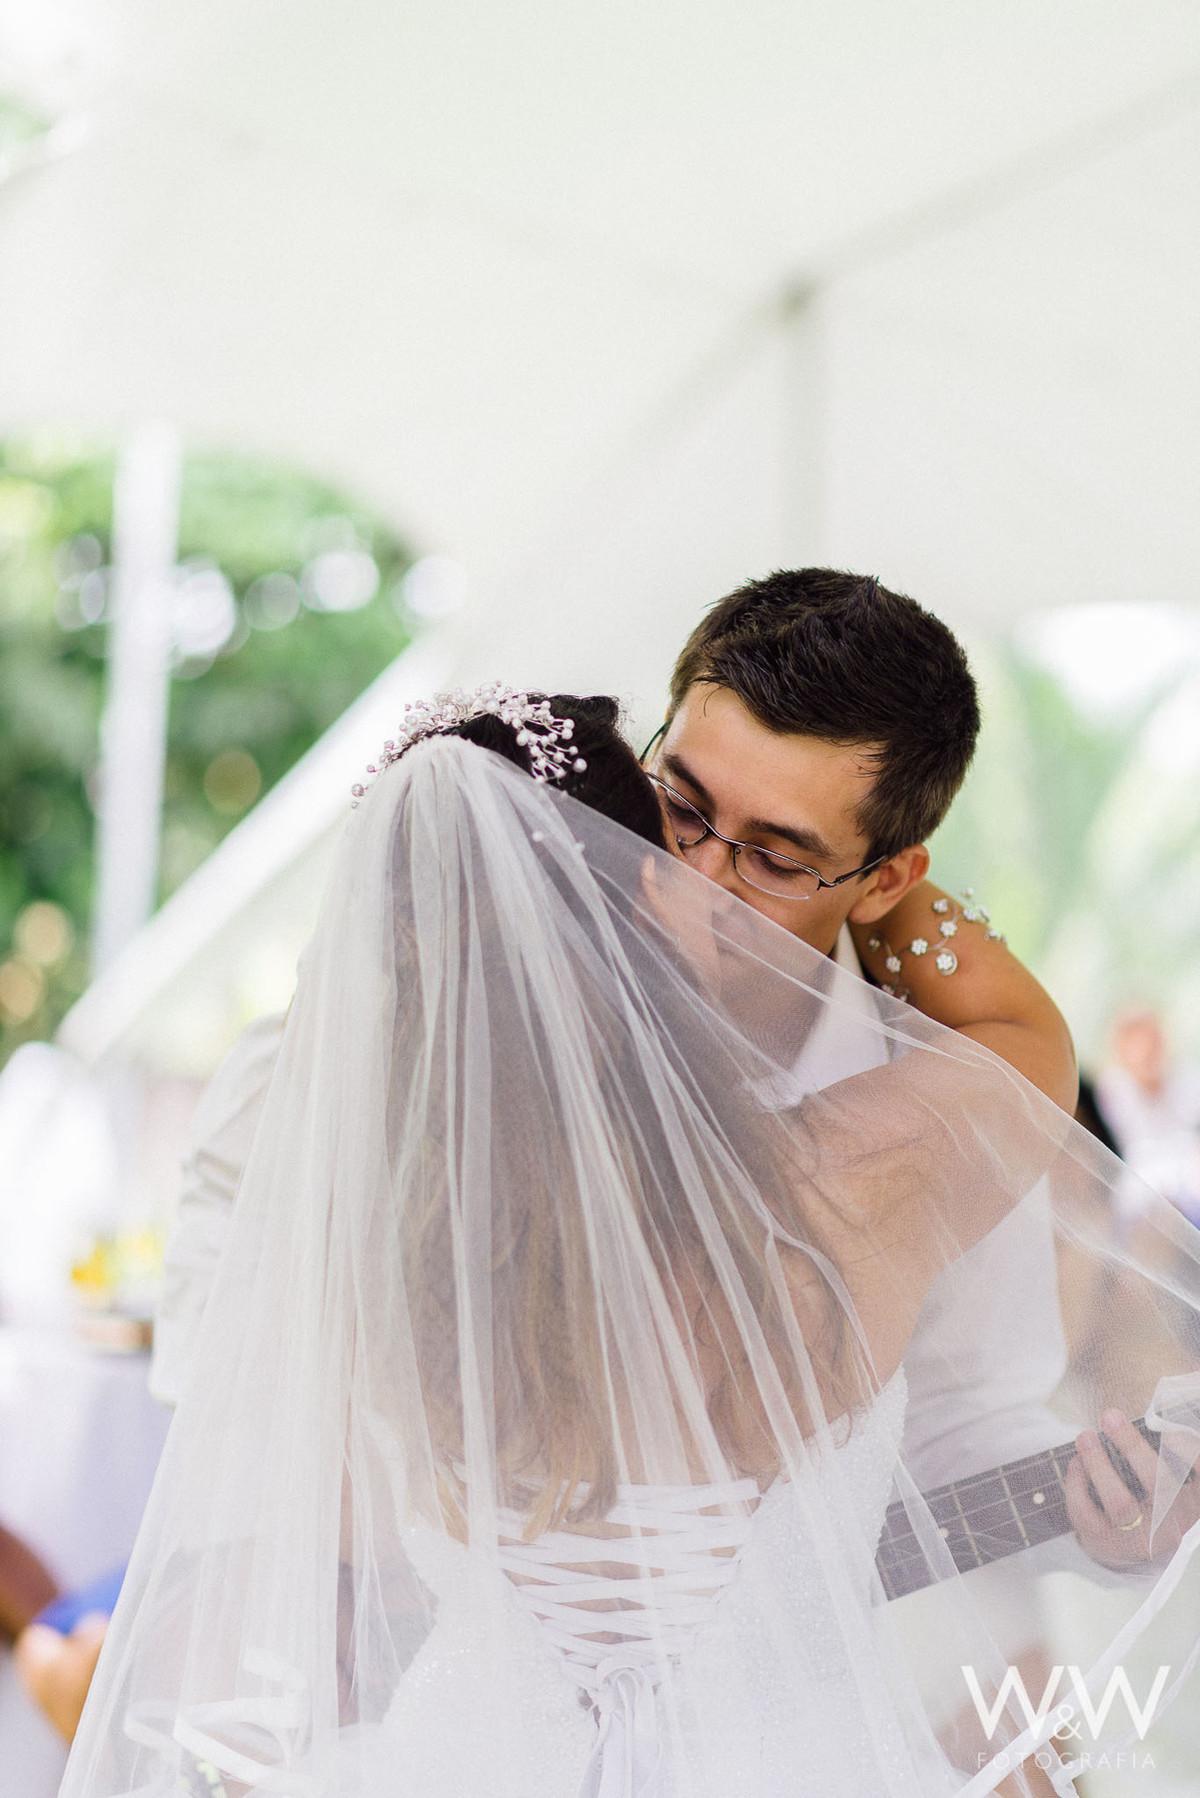 festa casamento ar livre boituva sp